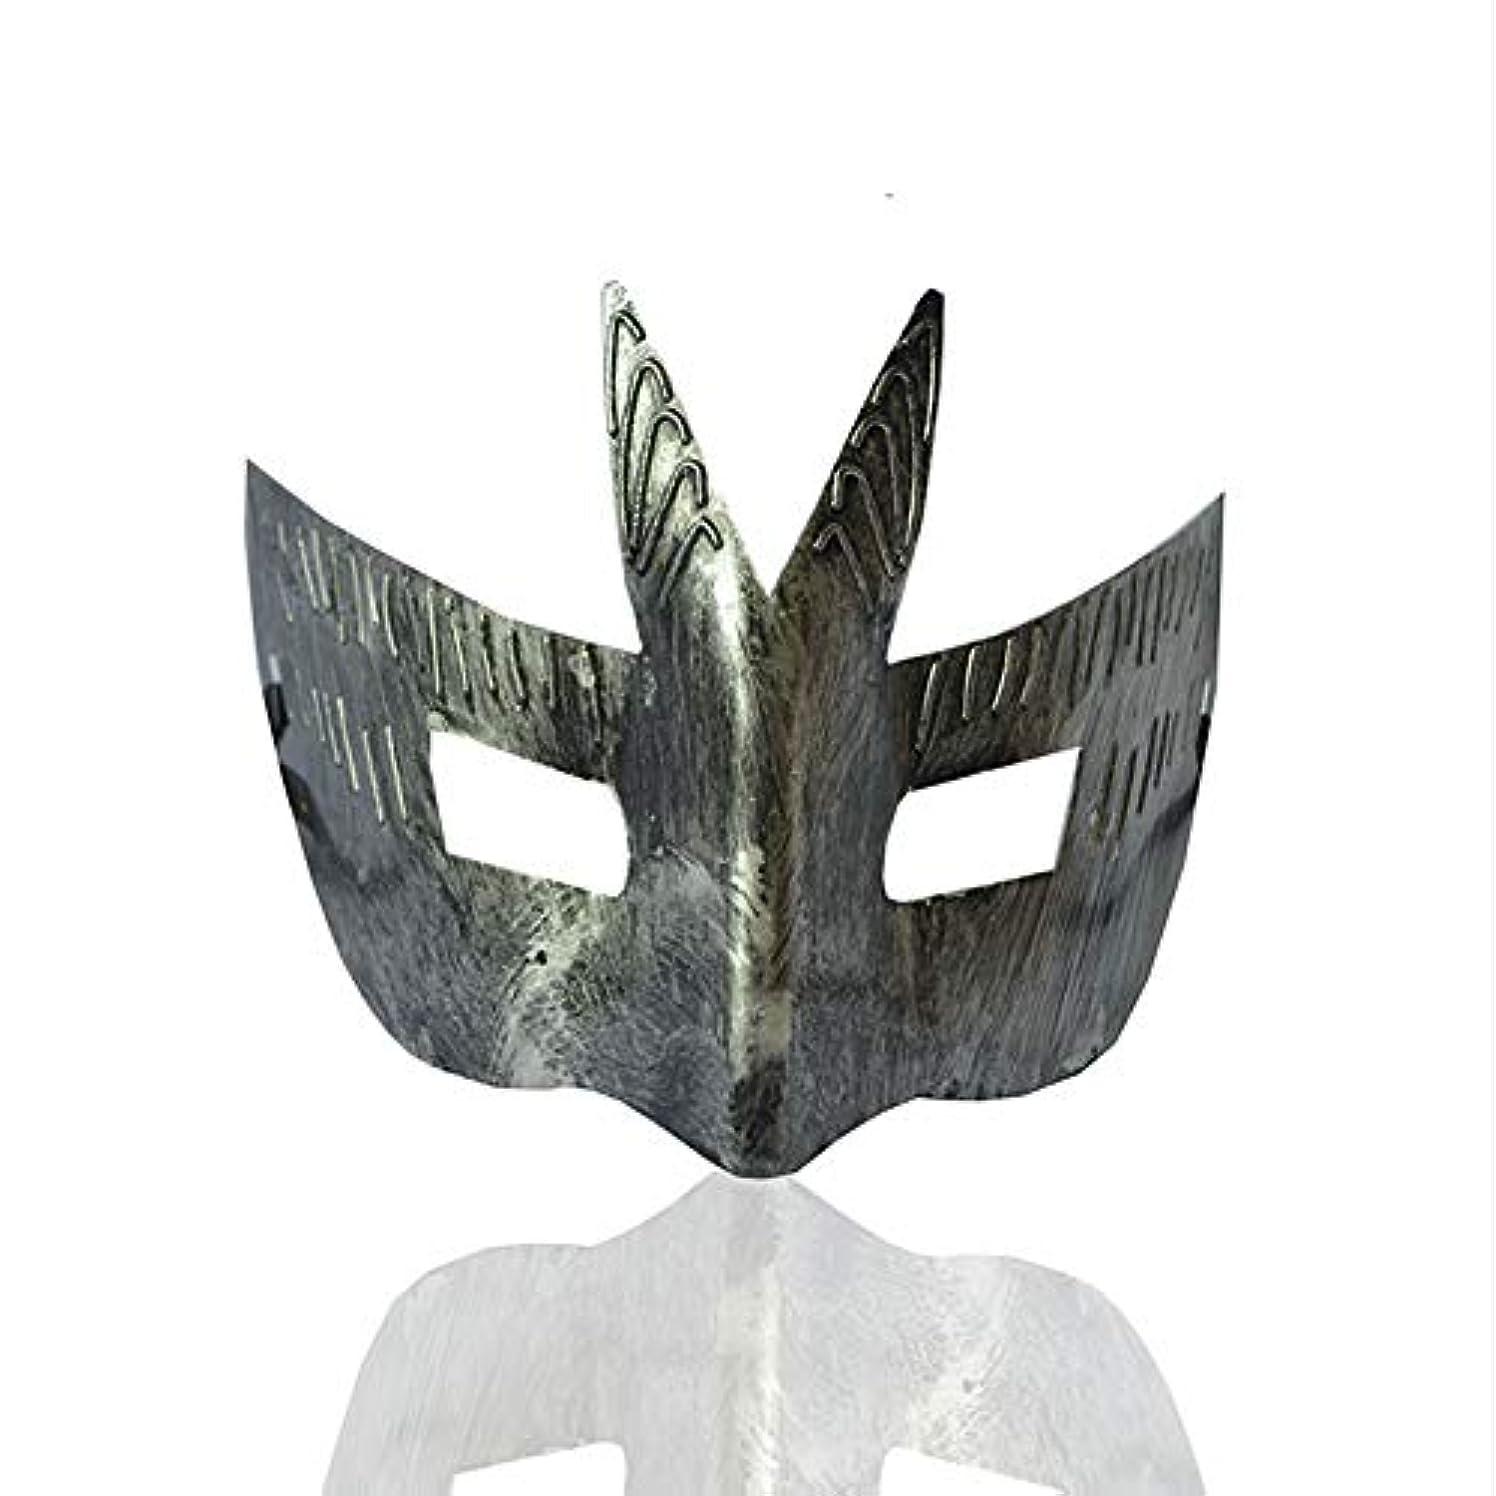 優れた反発するフォーラムハロウィーン仮装マスクレトロジャズハーフフェイス男性ダンスマスク (Color : B)